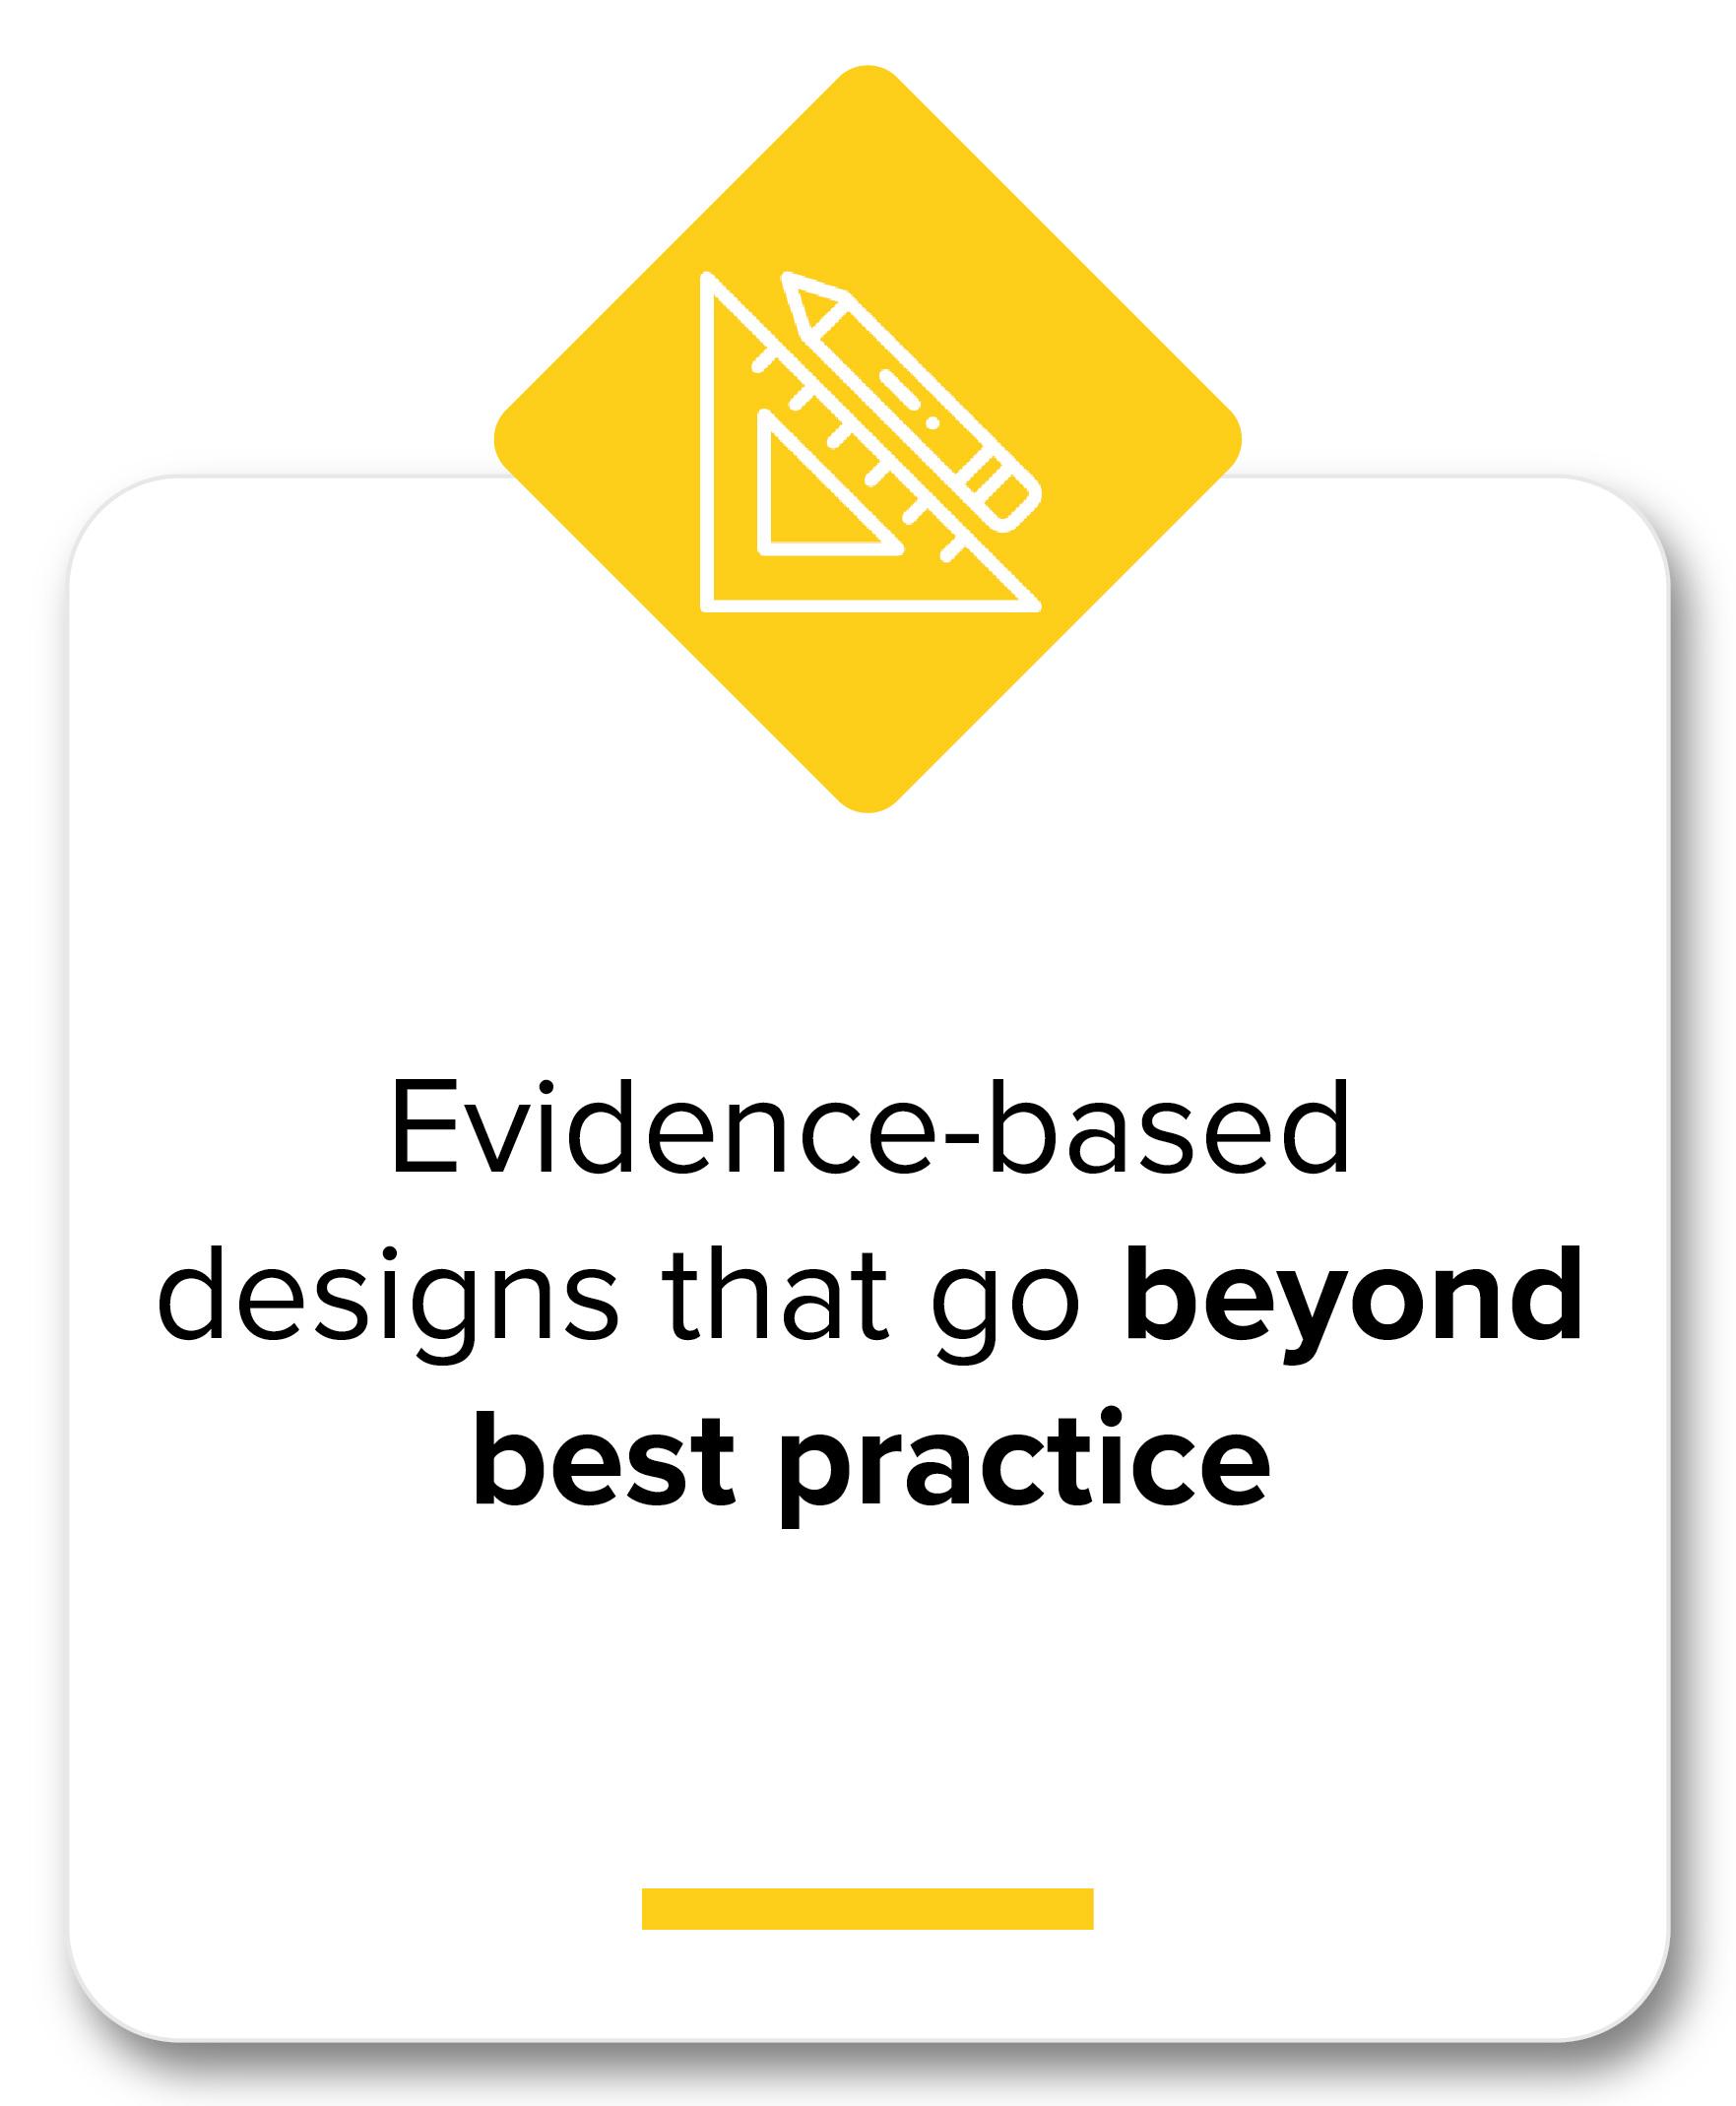 Evidence-based designs beyond best practice-10.jpg